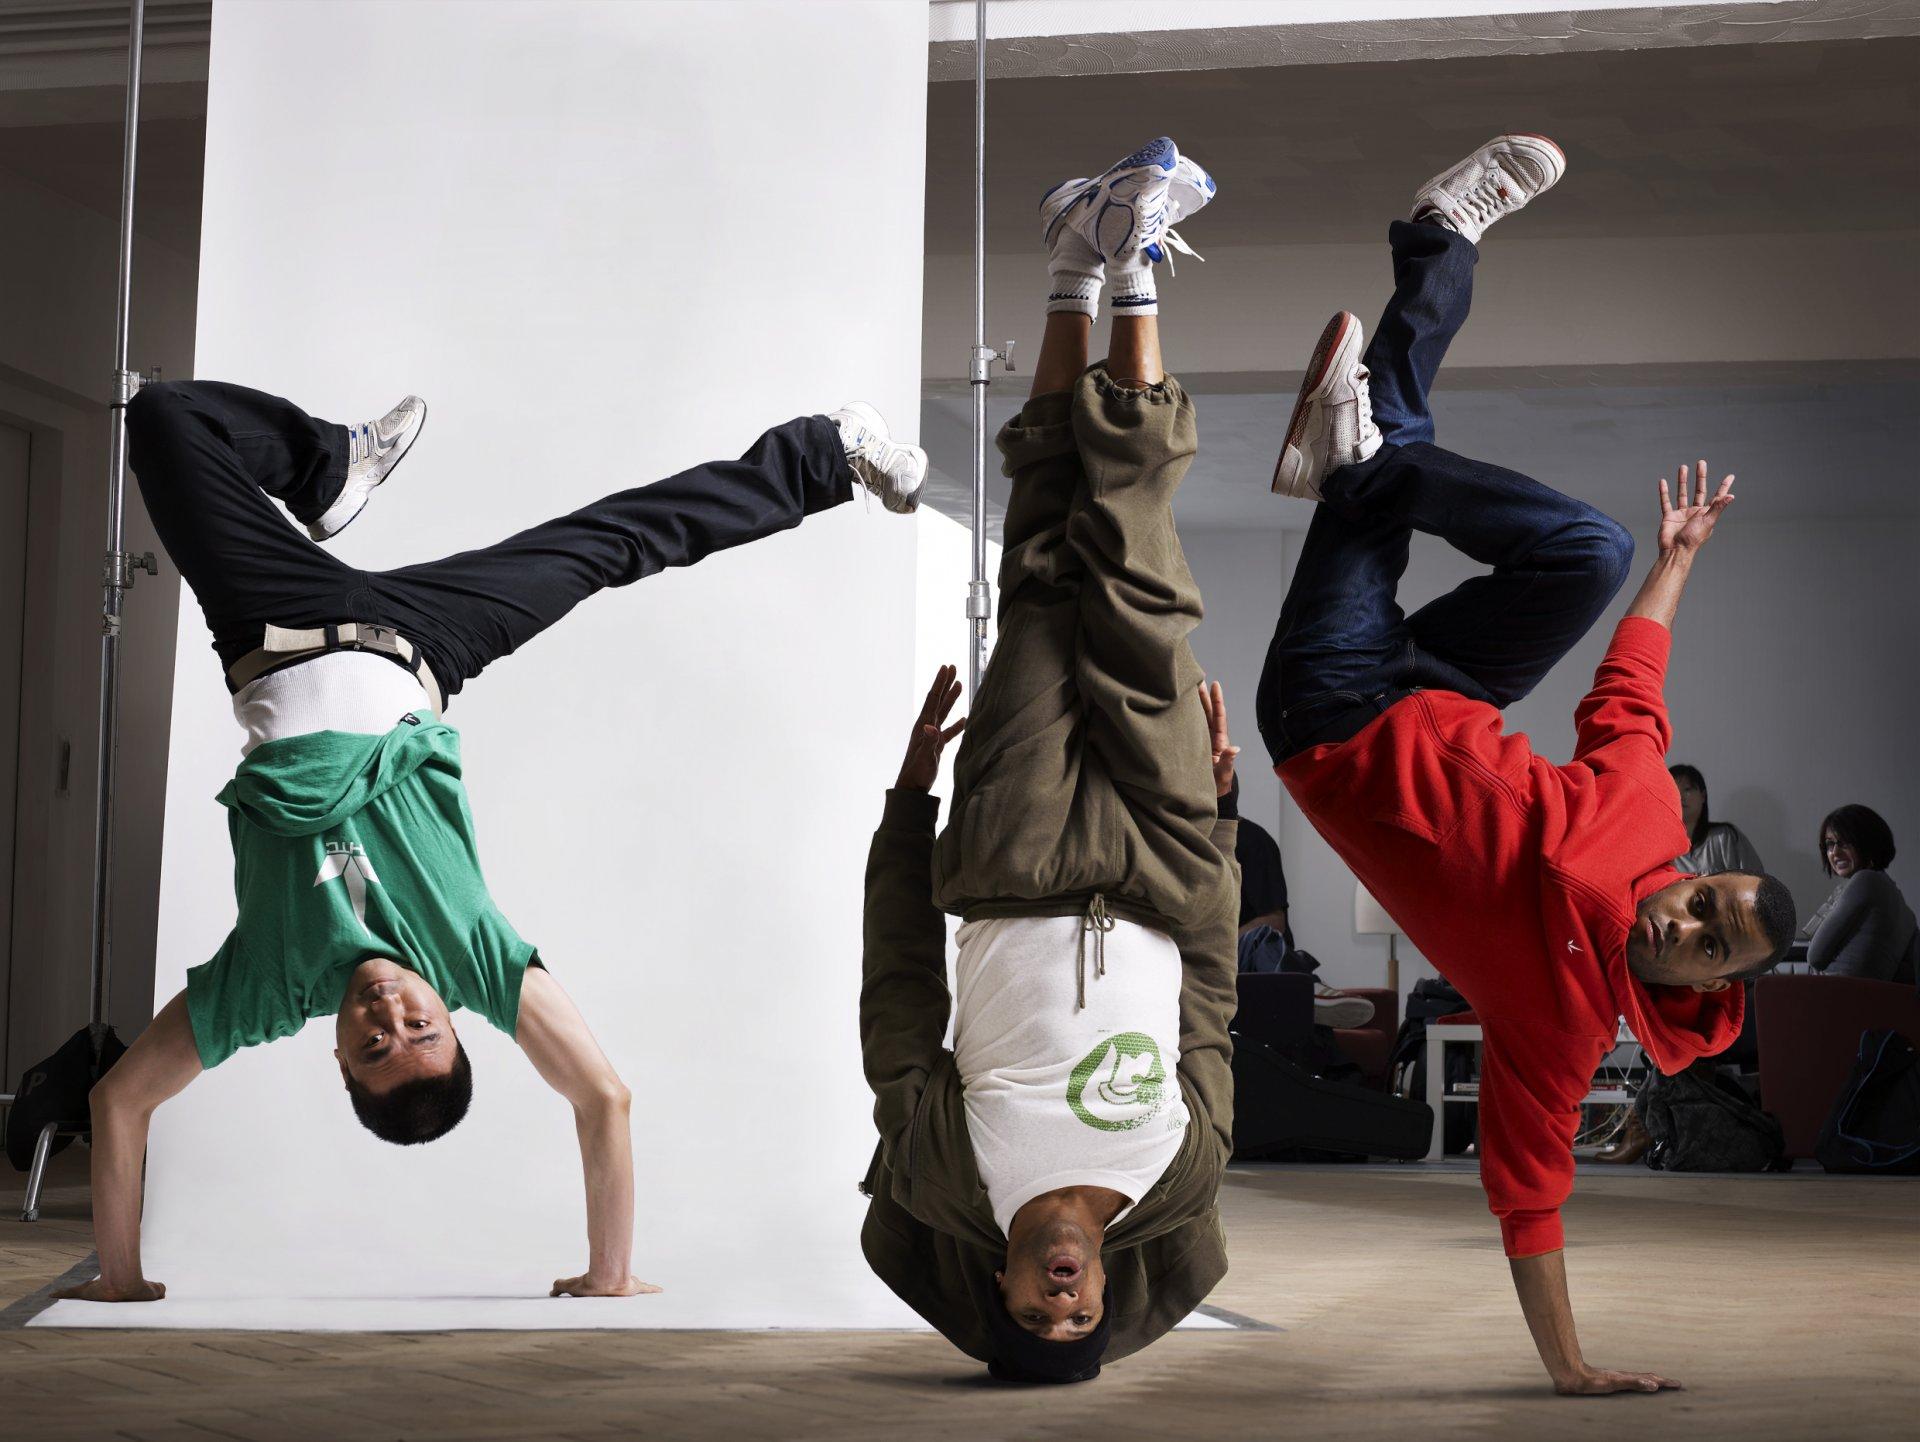 Фото танцующих людей смешные прошлой неделе